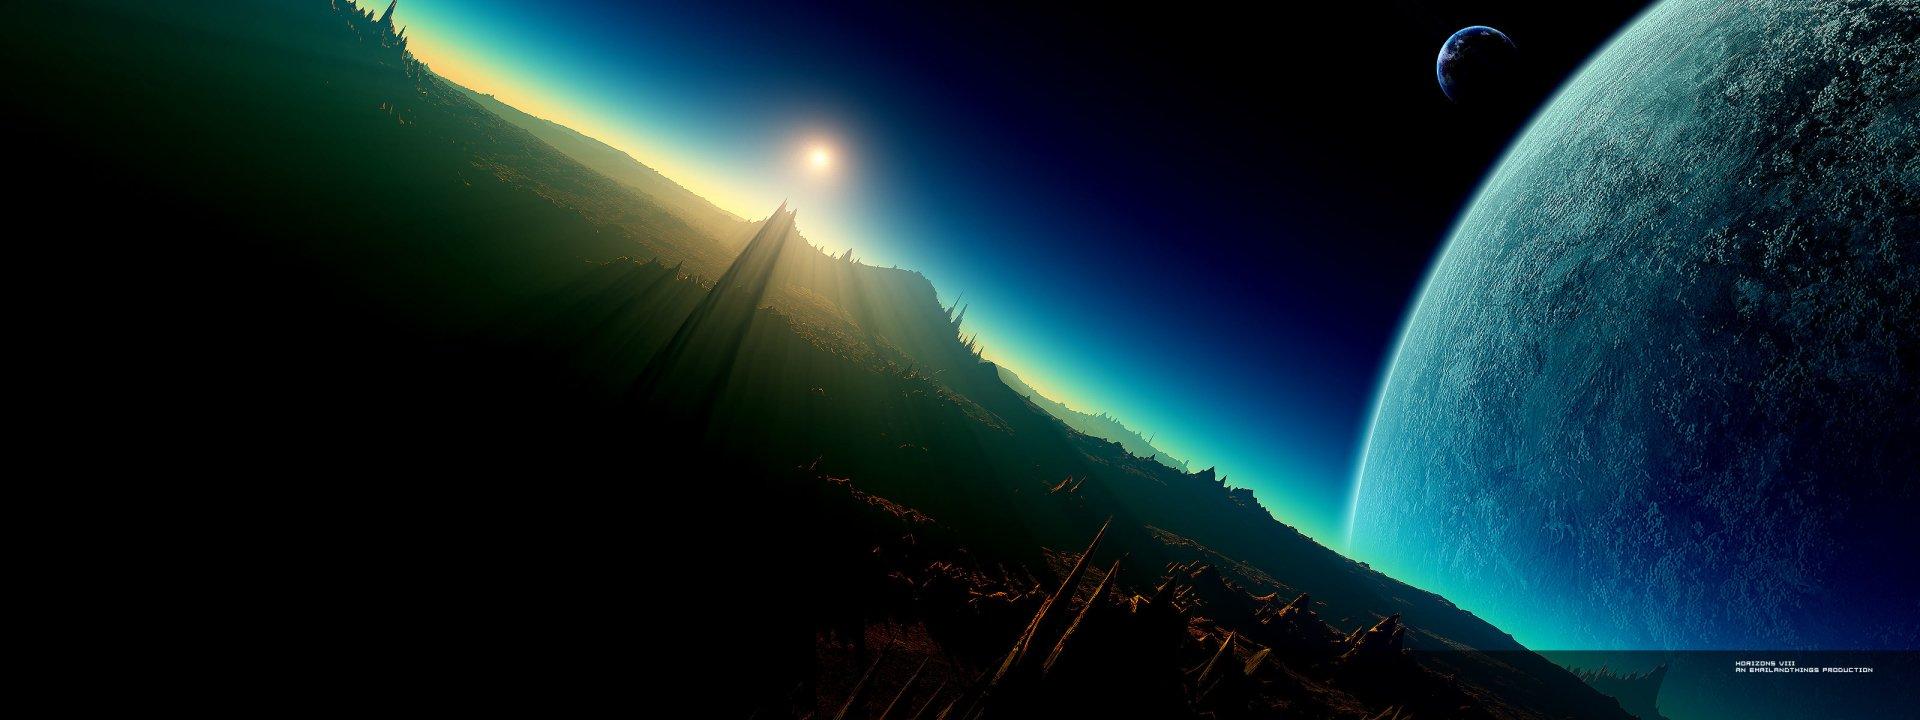 Multi Monitor - Sci Fi  Planet Monitor Wallpaper